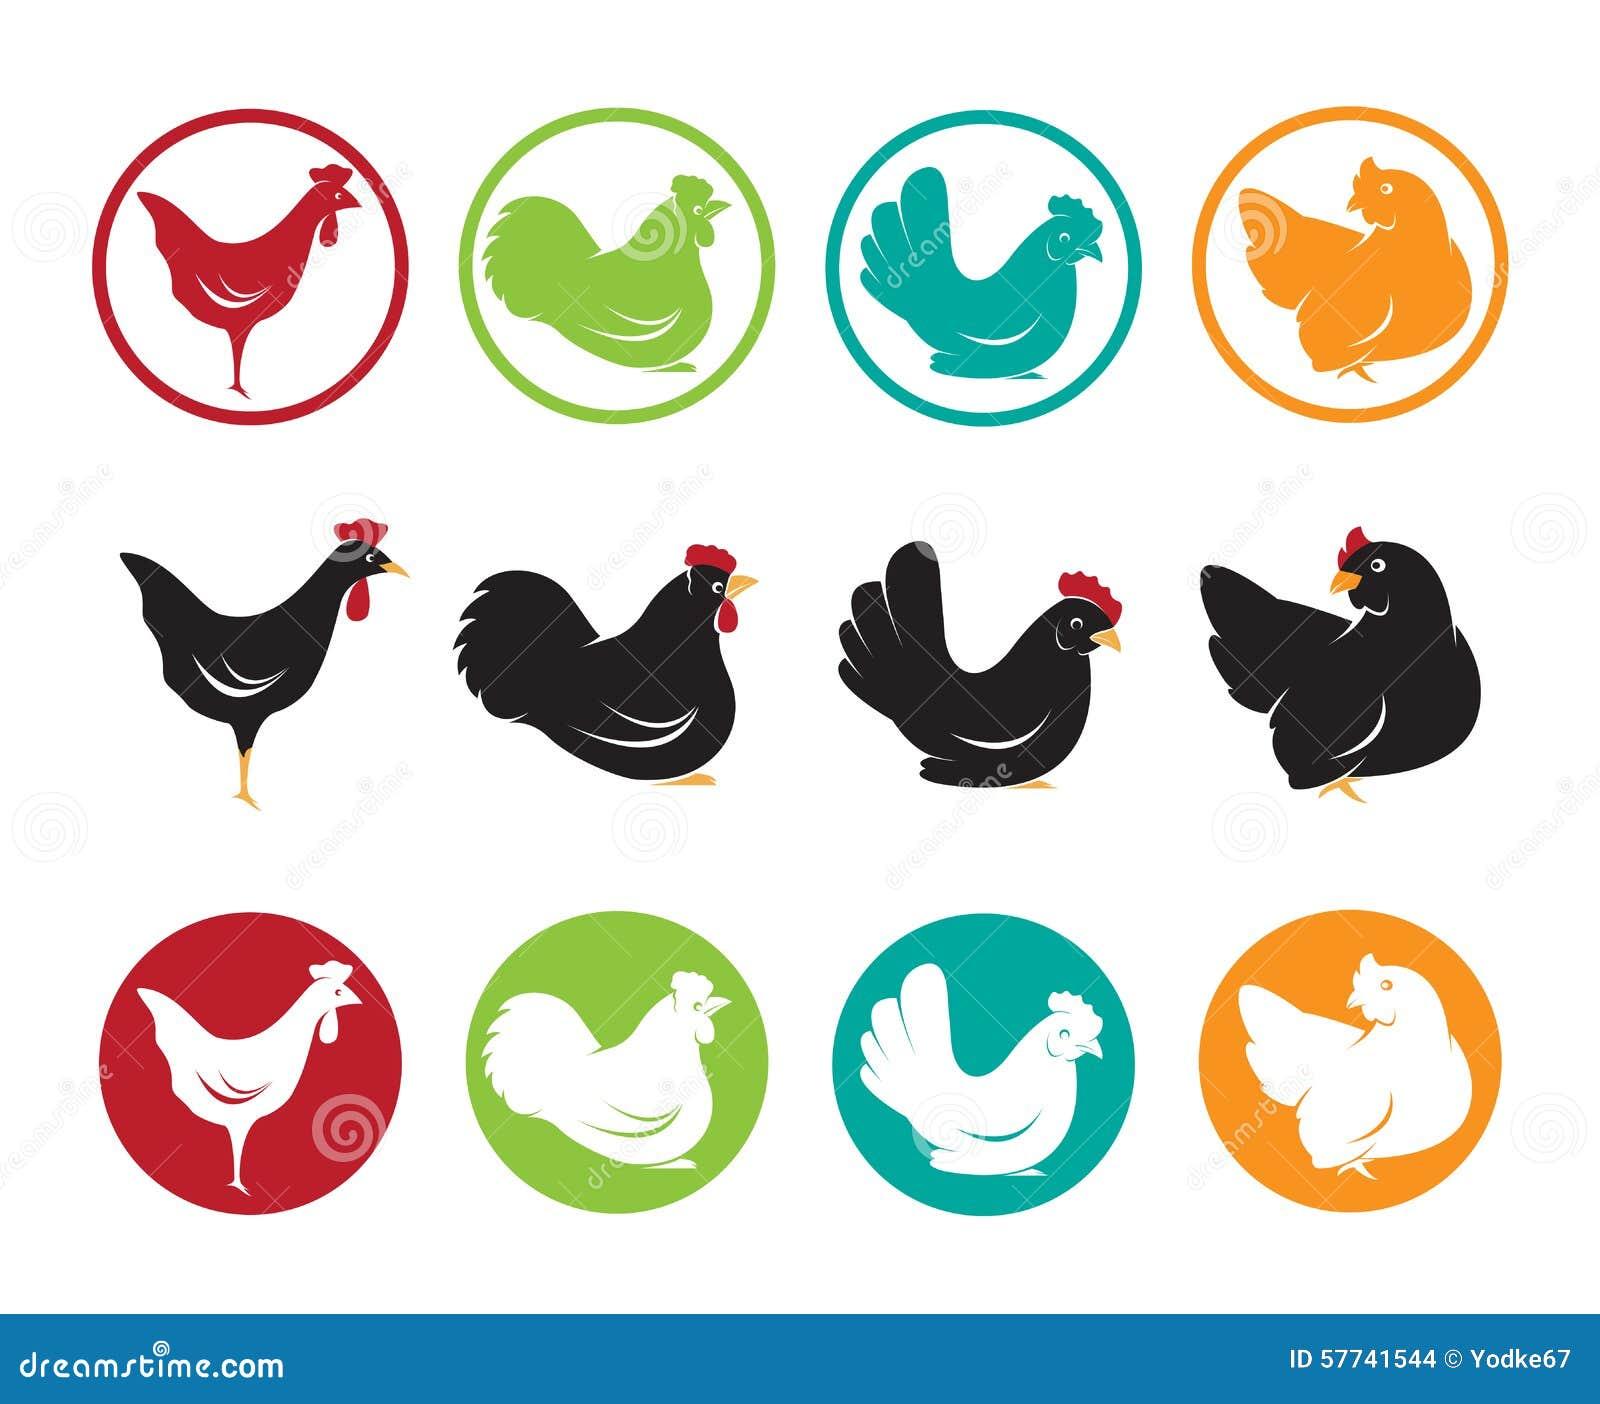 Image de vecteur d 39 une conception de poule illustration de - Image d une poule ...